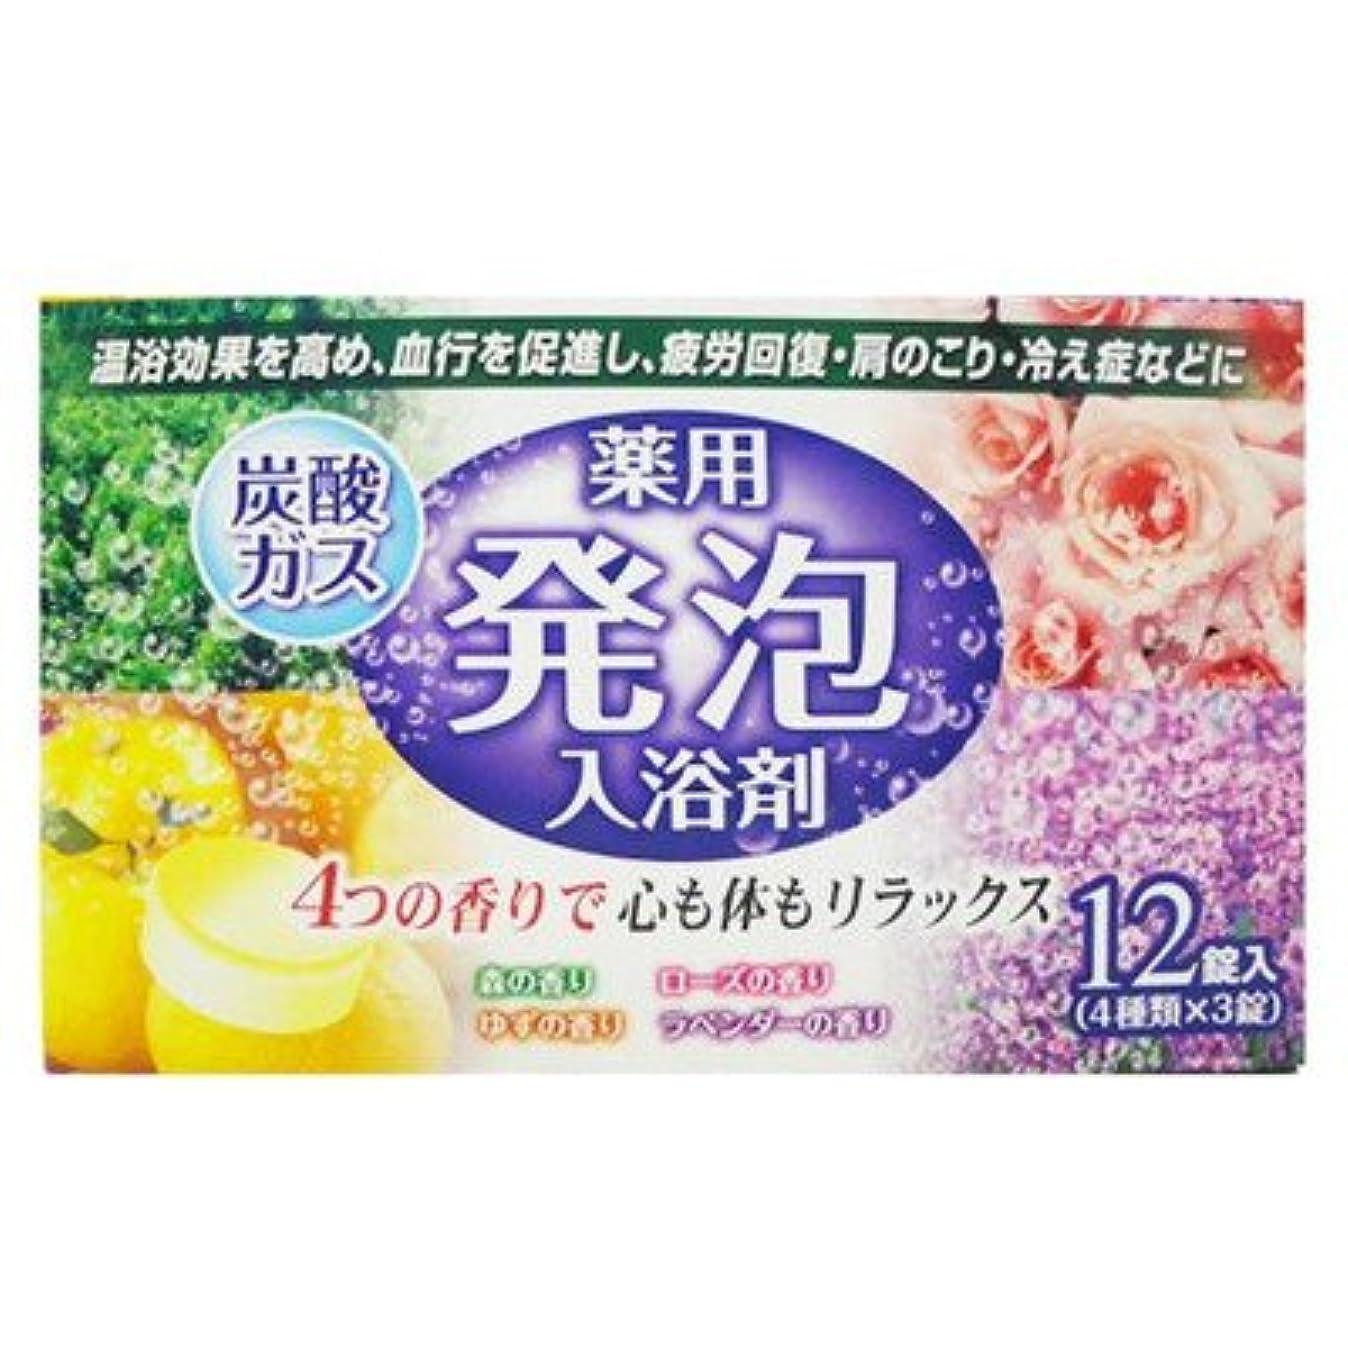 一般的に言えば相互接続ファセット薬用発泡入浴剤炭酸ガス12錠入り4つの香りで心も体もリラックス(4種類×3錠) (リベロ)